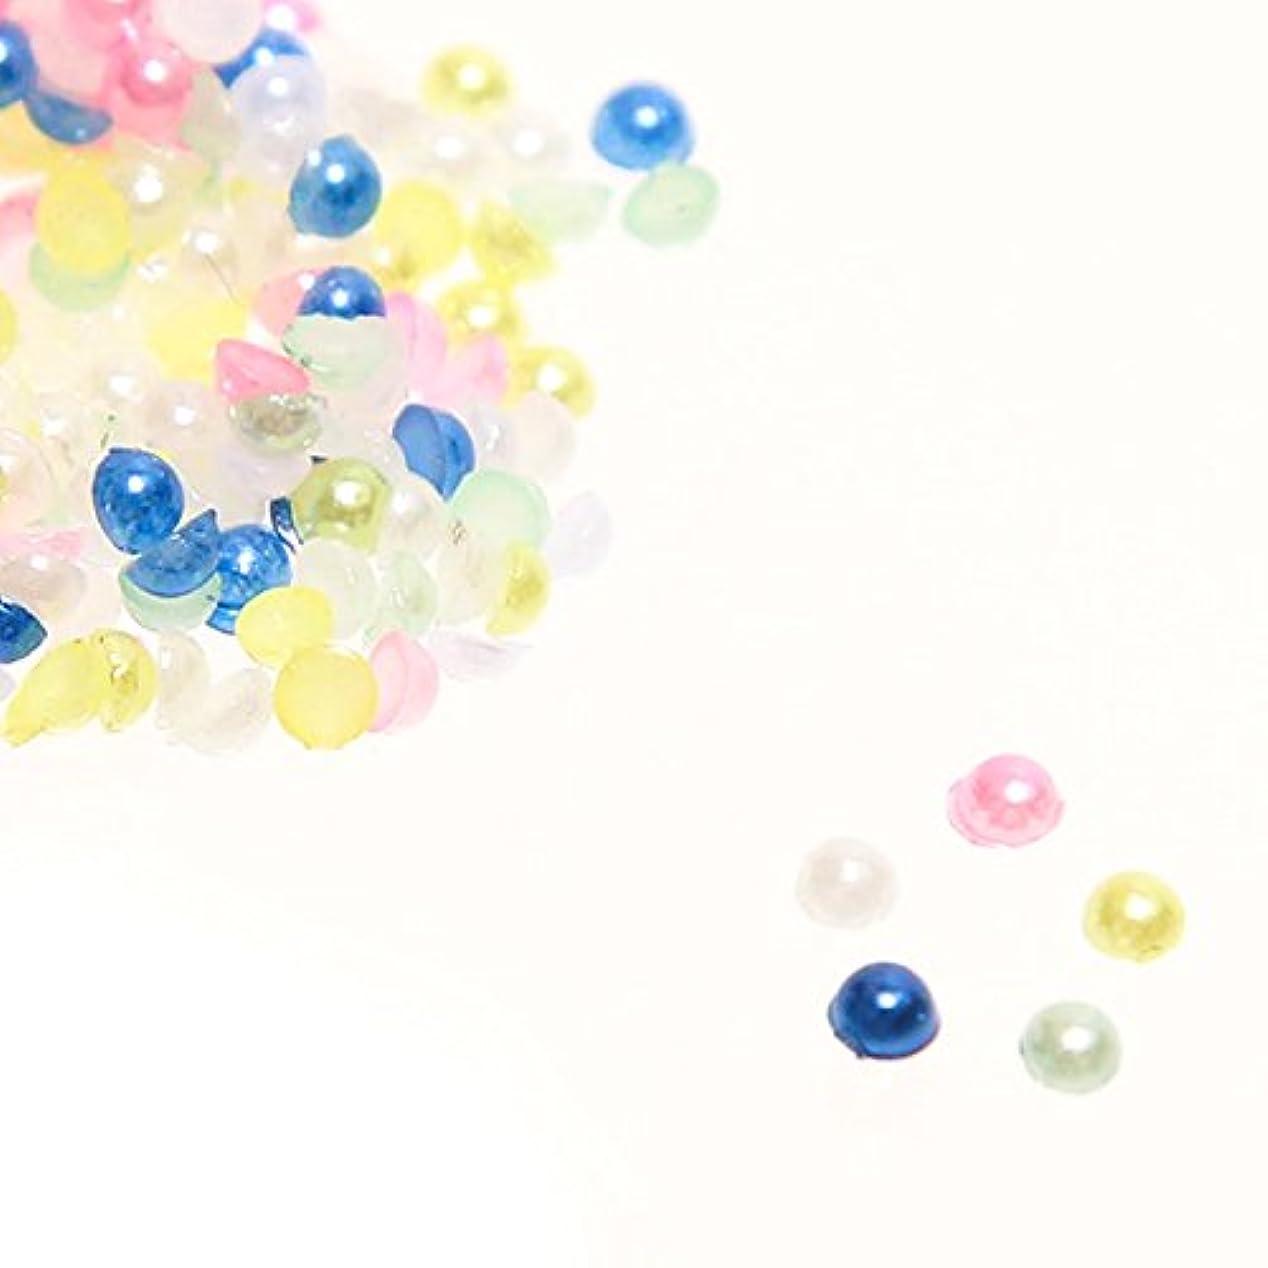 類人猿動機憂鬱なパール 全色ミックス マルポコ パールストーン 半球 (サイズ選択可能)【ラインストーン77】 (2mm(1600粒))